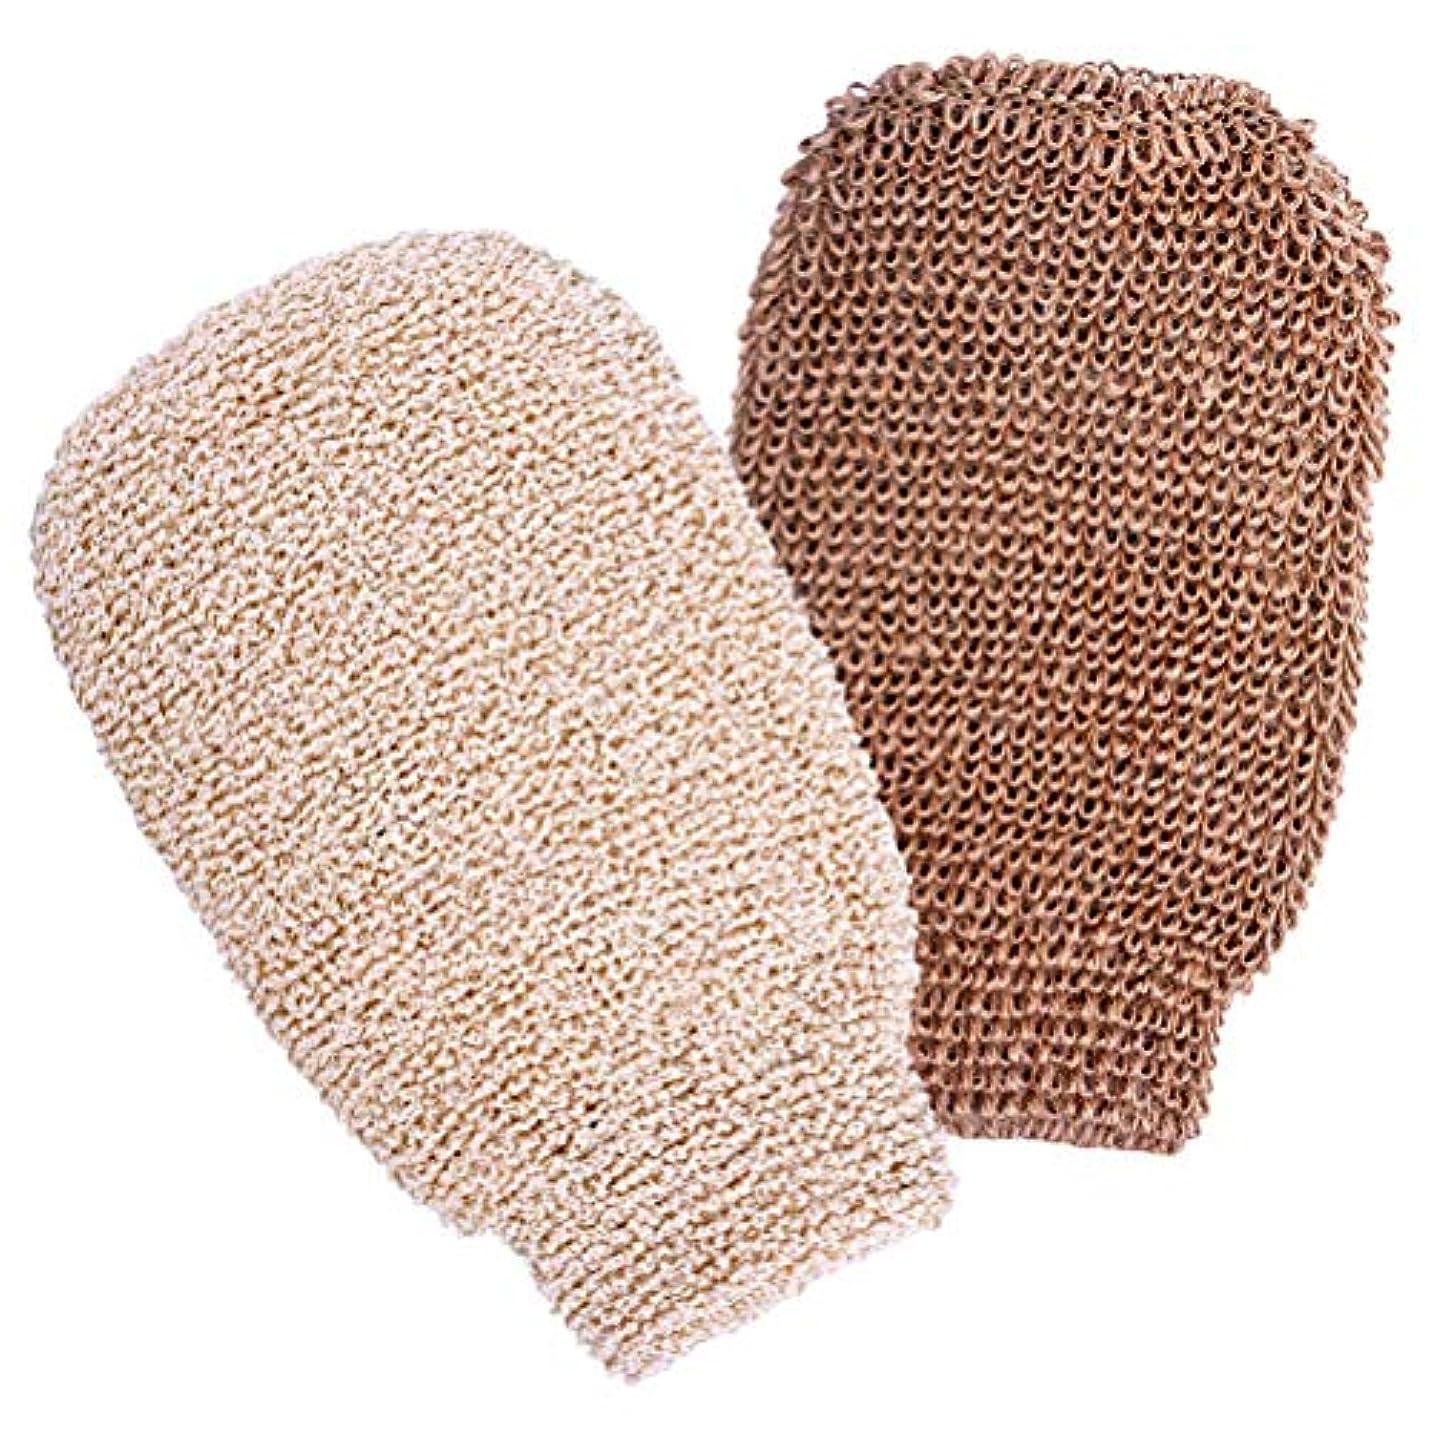 多様な発動機慎重FBYED 2個 シャワージェル手袋スキンケア手袋 天然亜麻繊維 天然竹繊維製 入浴用手袋 安全性 快適な 抗菌性 通気性 防腐剤 汗を吸収 角質除去と のスキンケア手袋